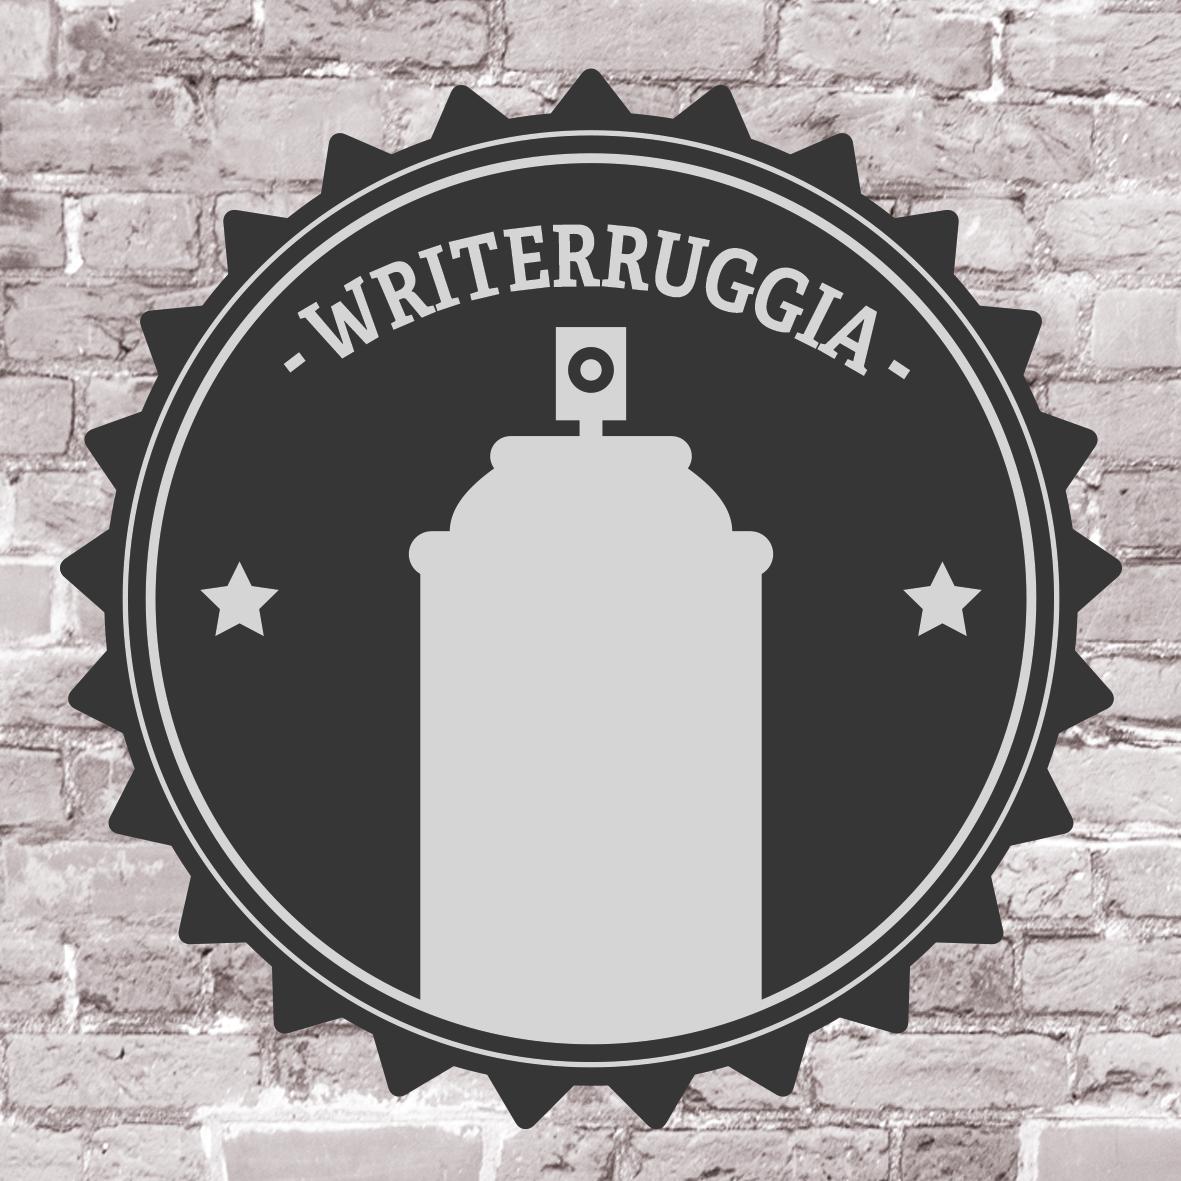 writerruggia kontiki